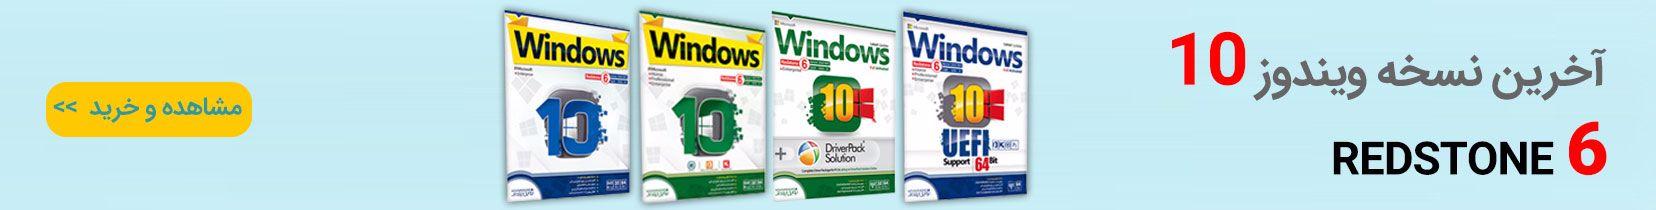 آخرین نسخه ویندوز 10 نسخه restone6